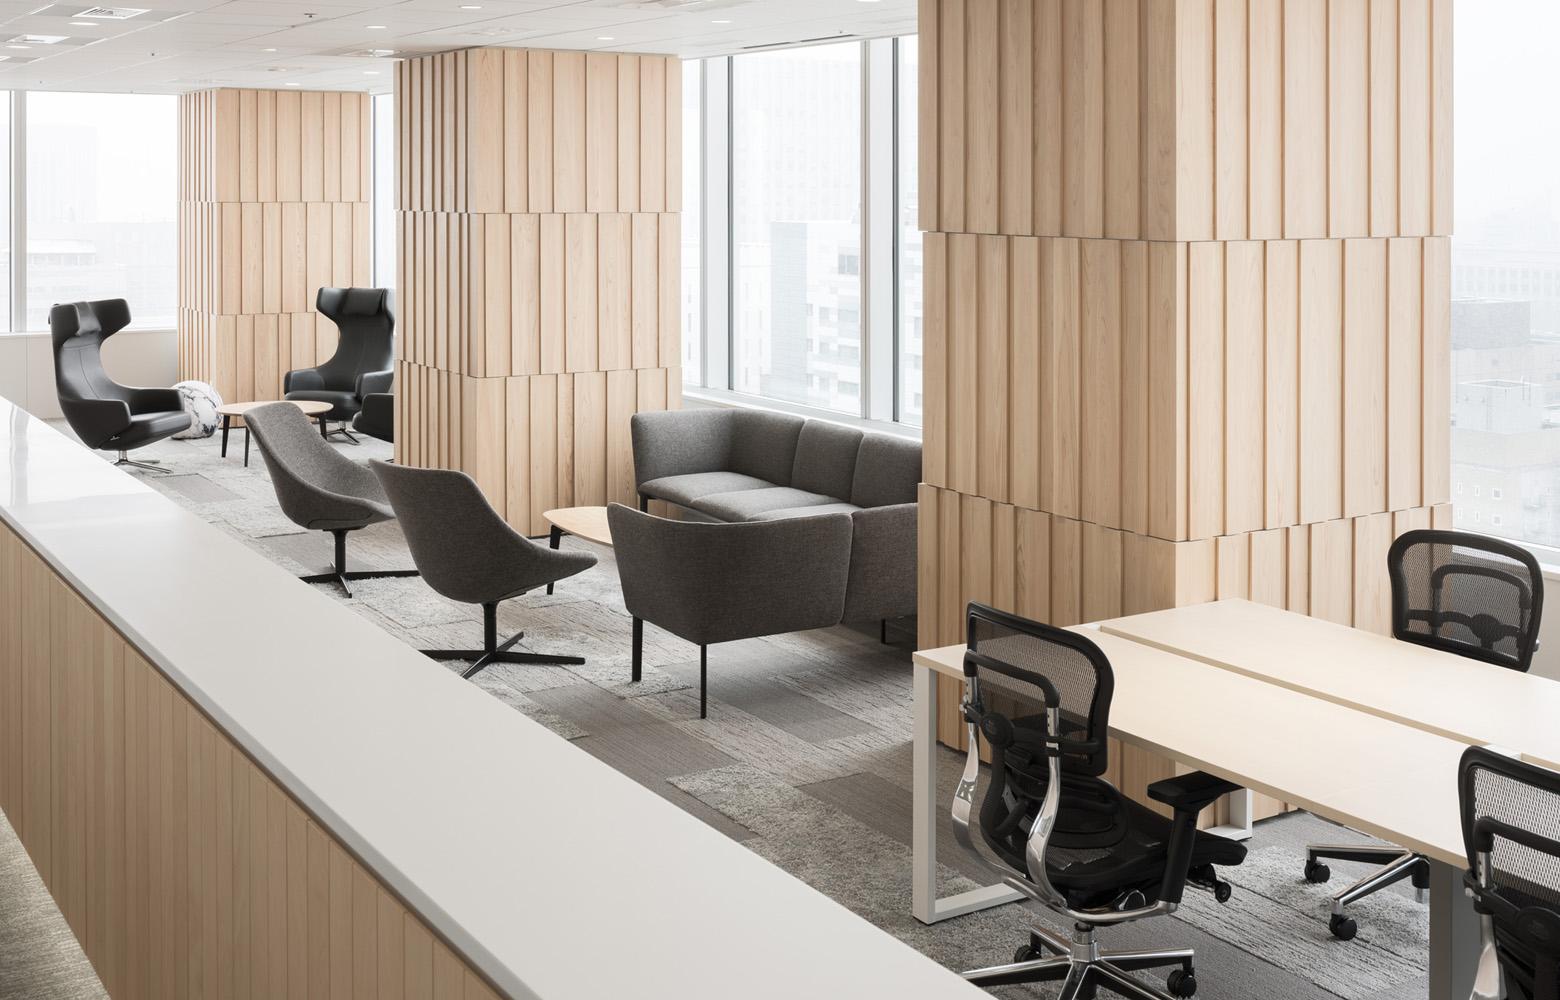 ダイアモンドヘッド株式会社  Sapporo Office Refresh Space_4 デザイン・レイアウト事例